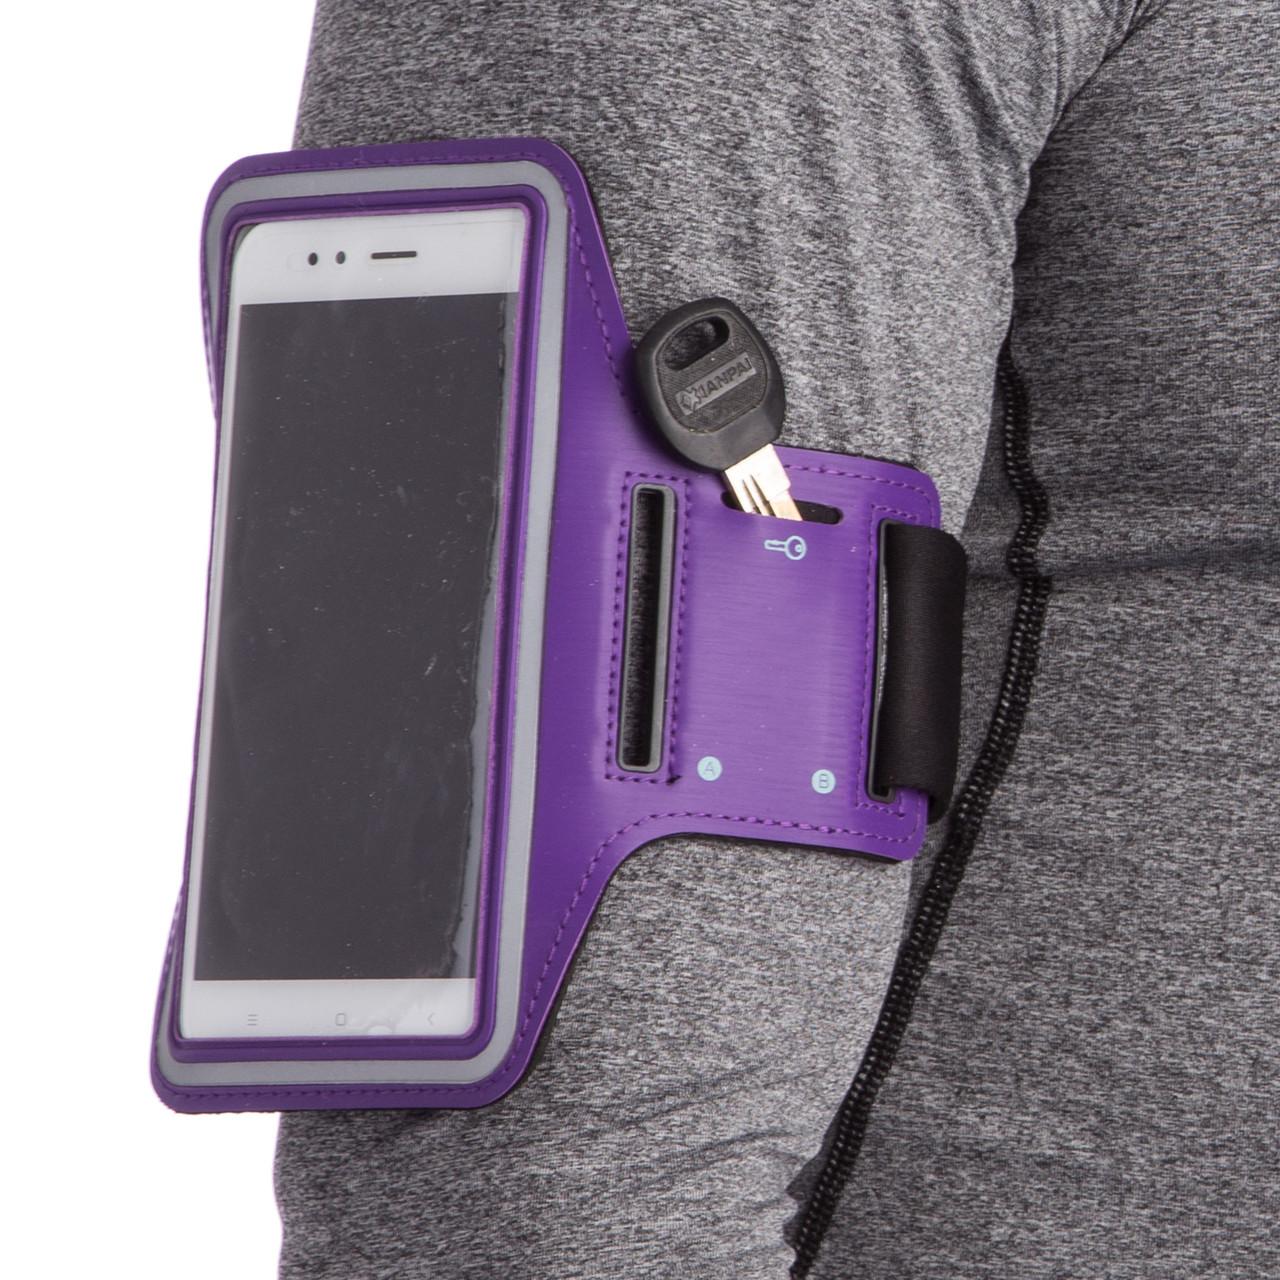 Чехол для телефона с креплением на руку для занятий спортом planeta-sport BTS-432 для iPhone и iPod 18x7см